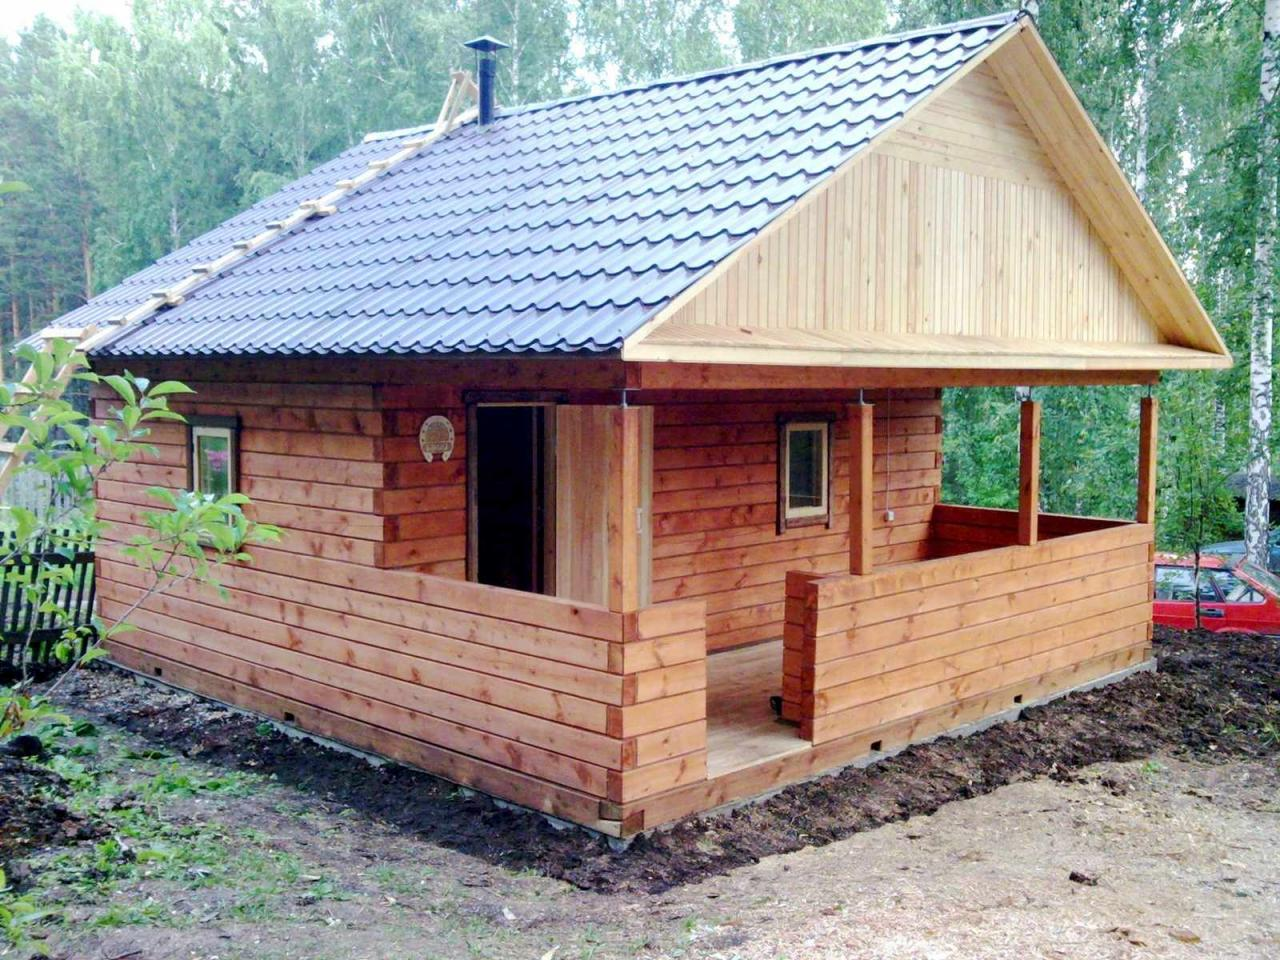 Загородный дома баня из бруса. Строительство отделка. Красноярск | фото 1 из 6